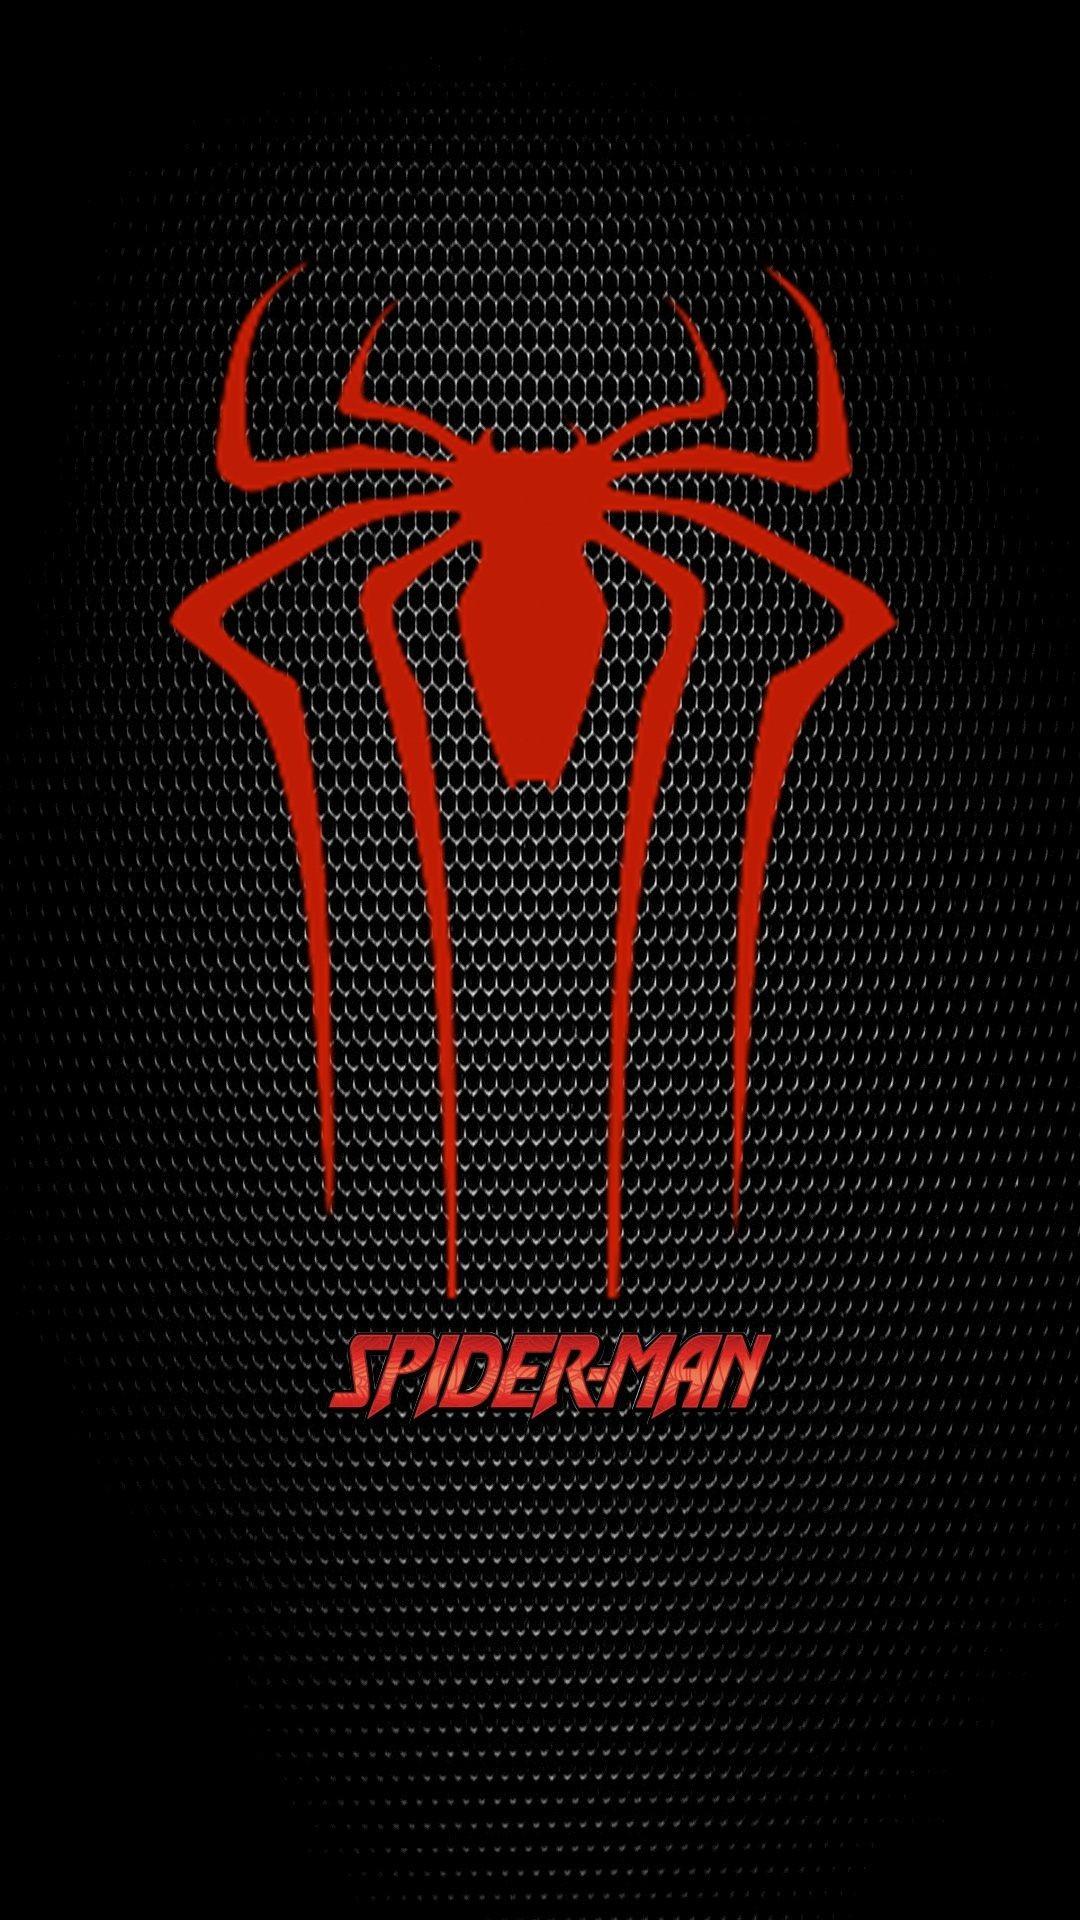 logos spiderman iphone plus logo spiderma iphone plus f 1080 1080x1920